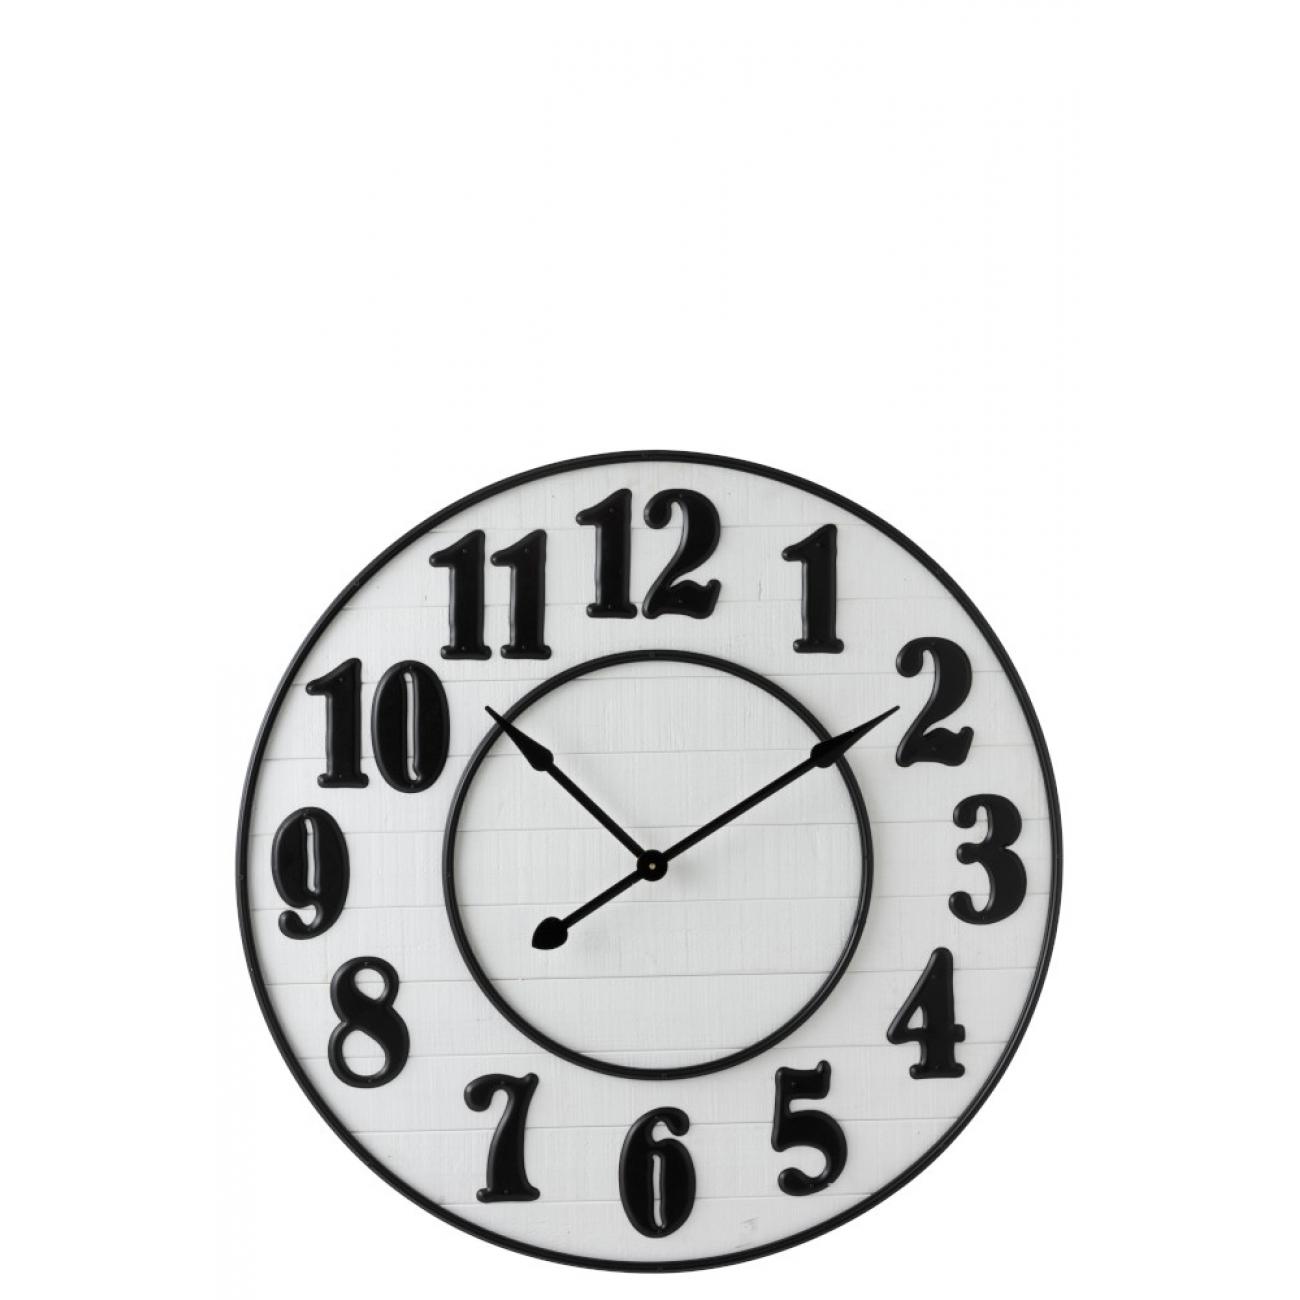 Настенные часы J-LINE круглые в деревянном корпусе диаметр 92 см